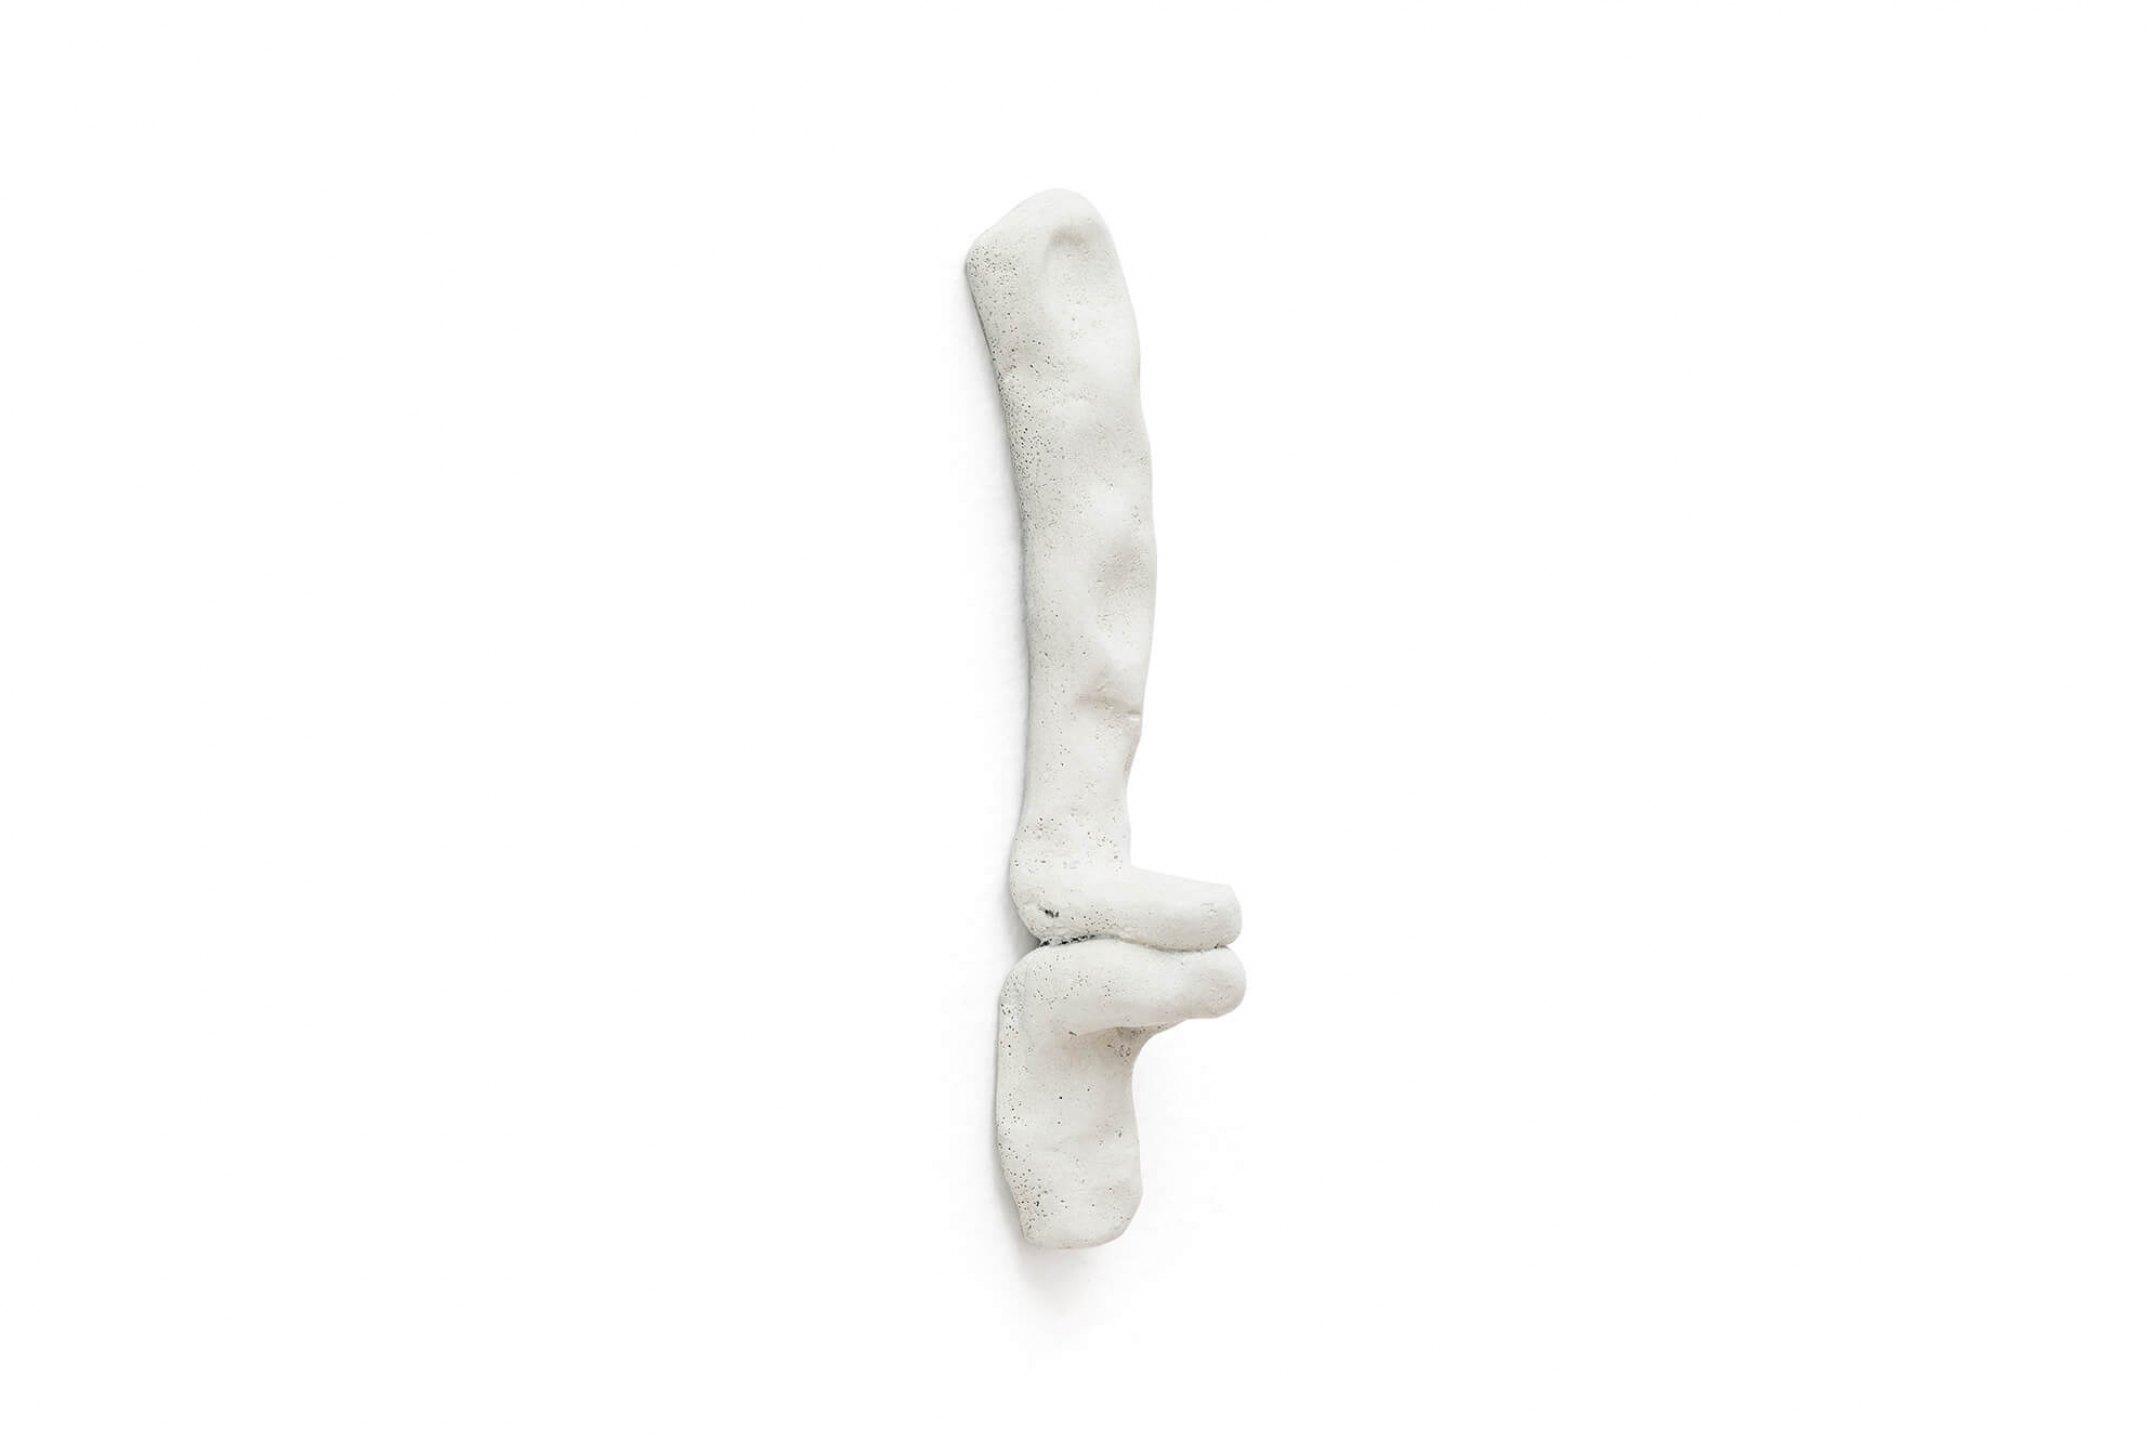 Paulo Monteiro, <i>untitled</i>, 2015, bronze, 18 × 4 × 3,5 cm - Mendes Wood DM